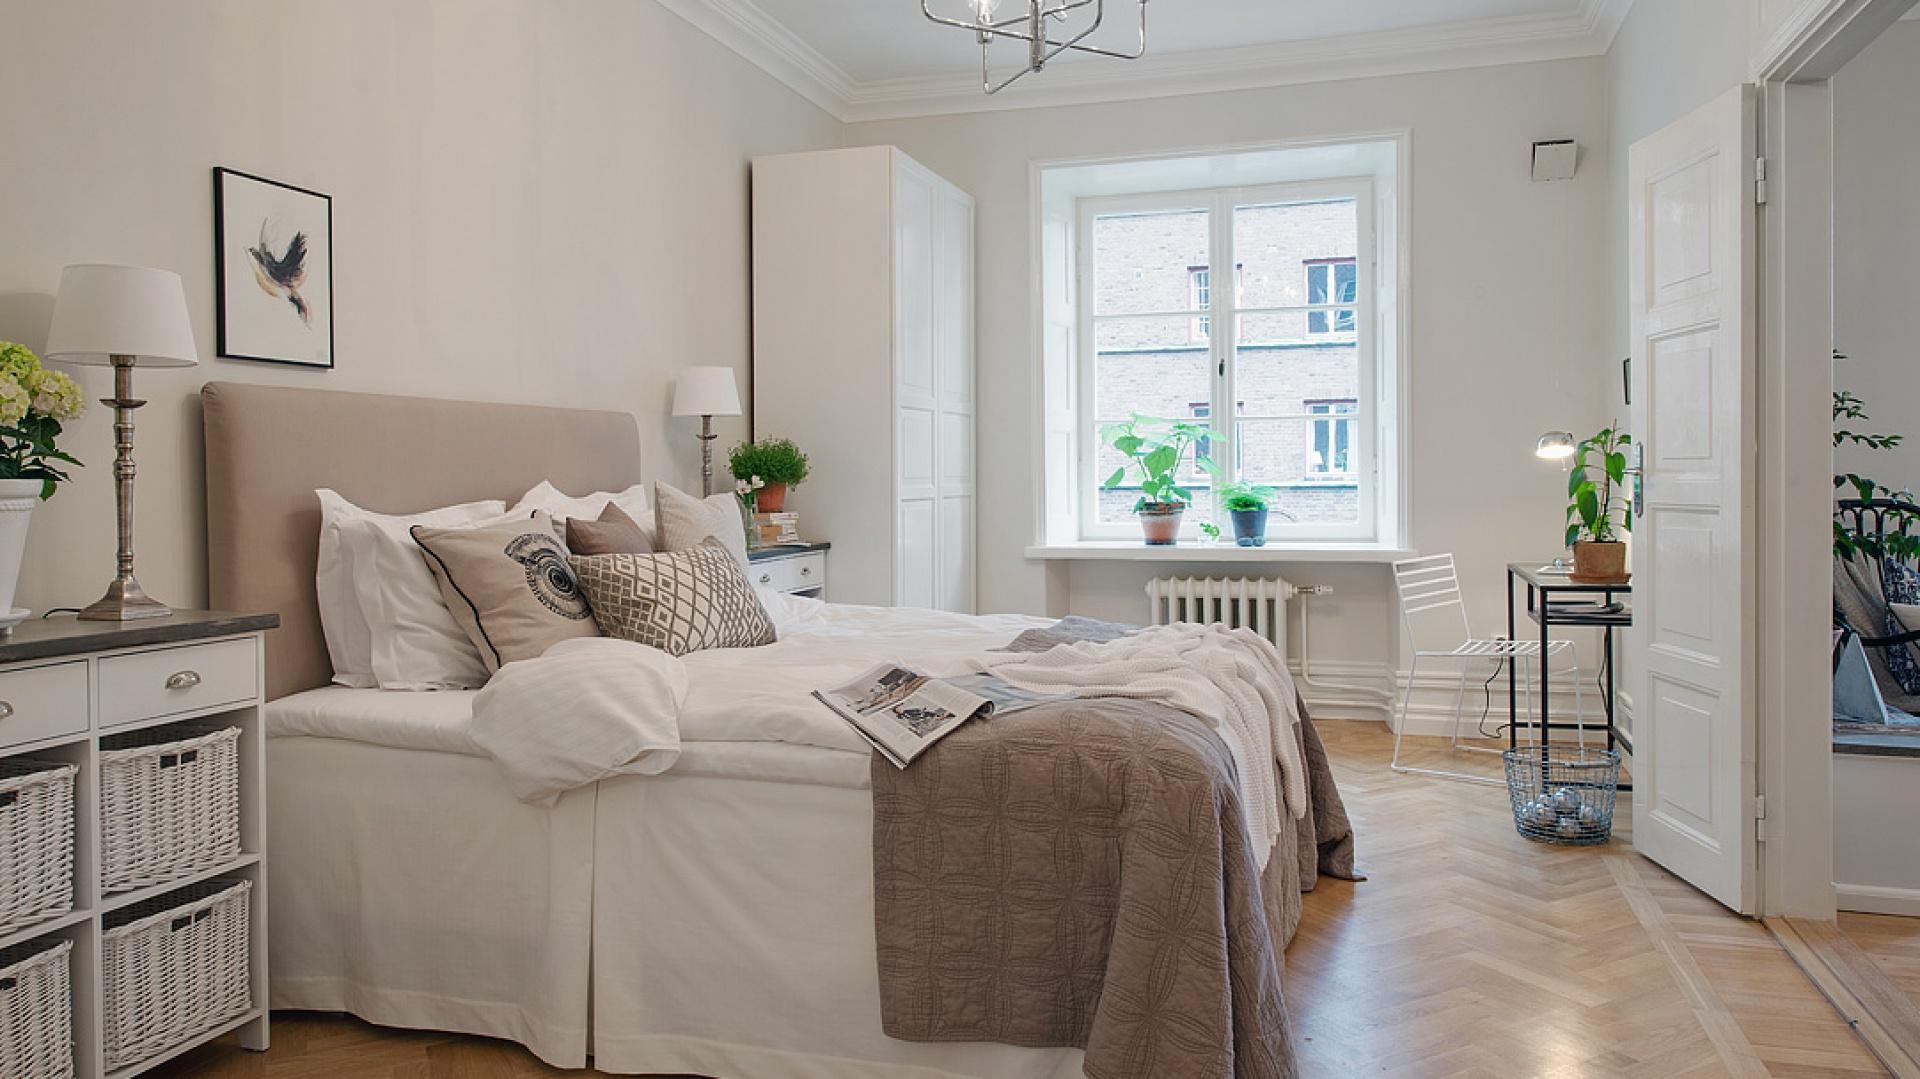 Lampy o klasycznym sypialnia w stylu skandynawskim - Decorar piso antiguo ...